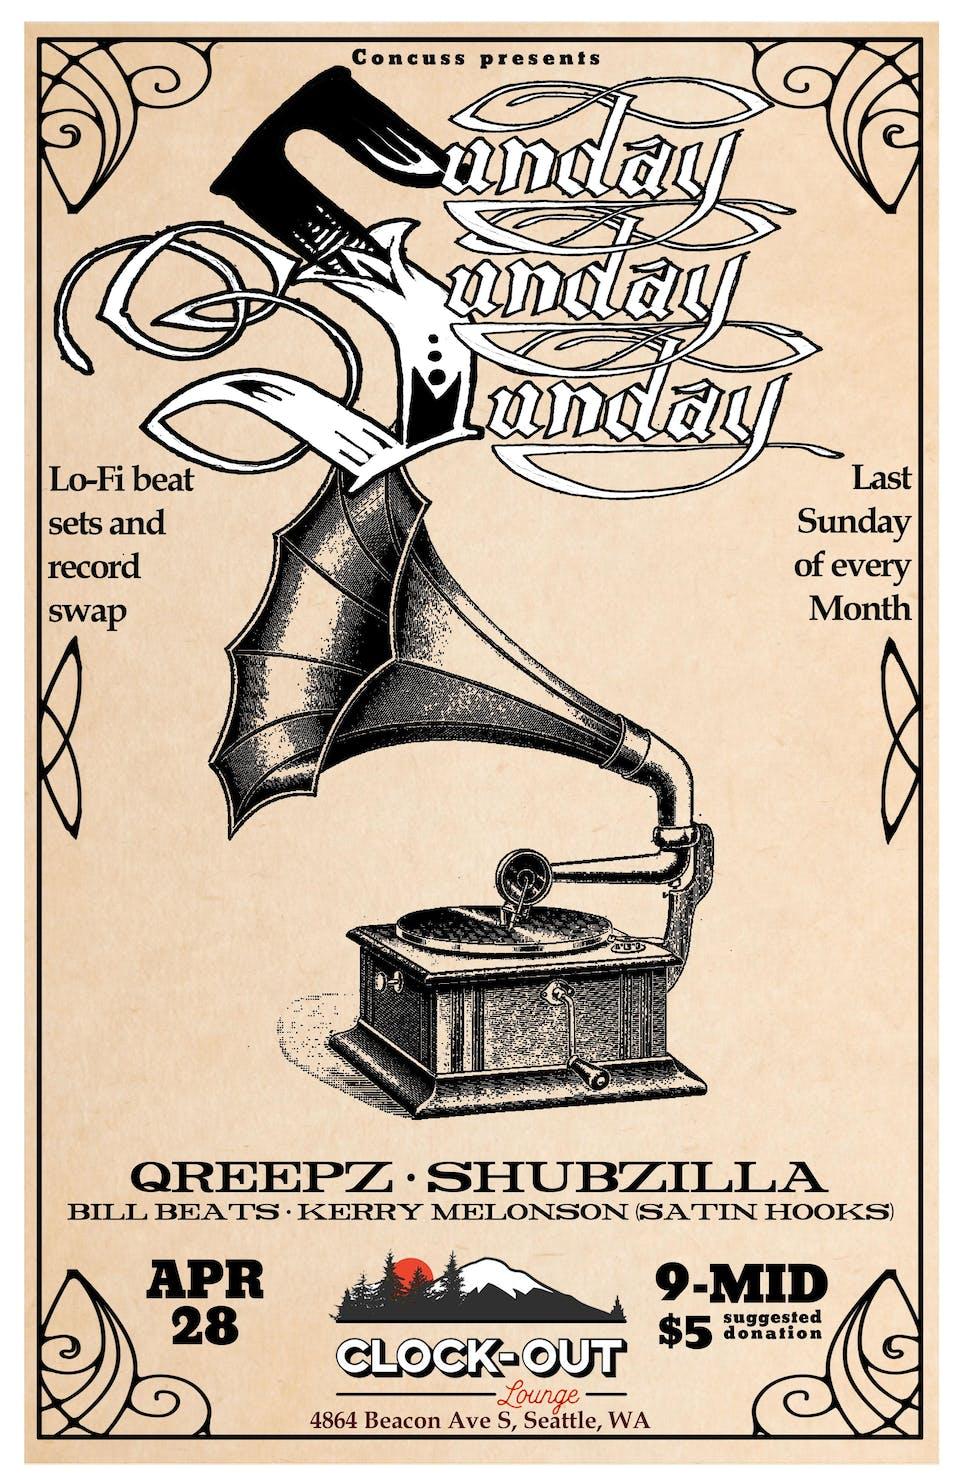 Concvss :  Sunday! Sunday! Sunday! w/ Qreepz and Shubzilla